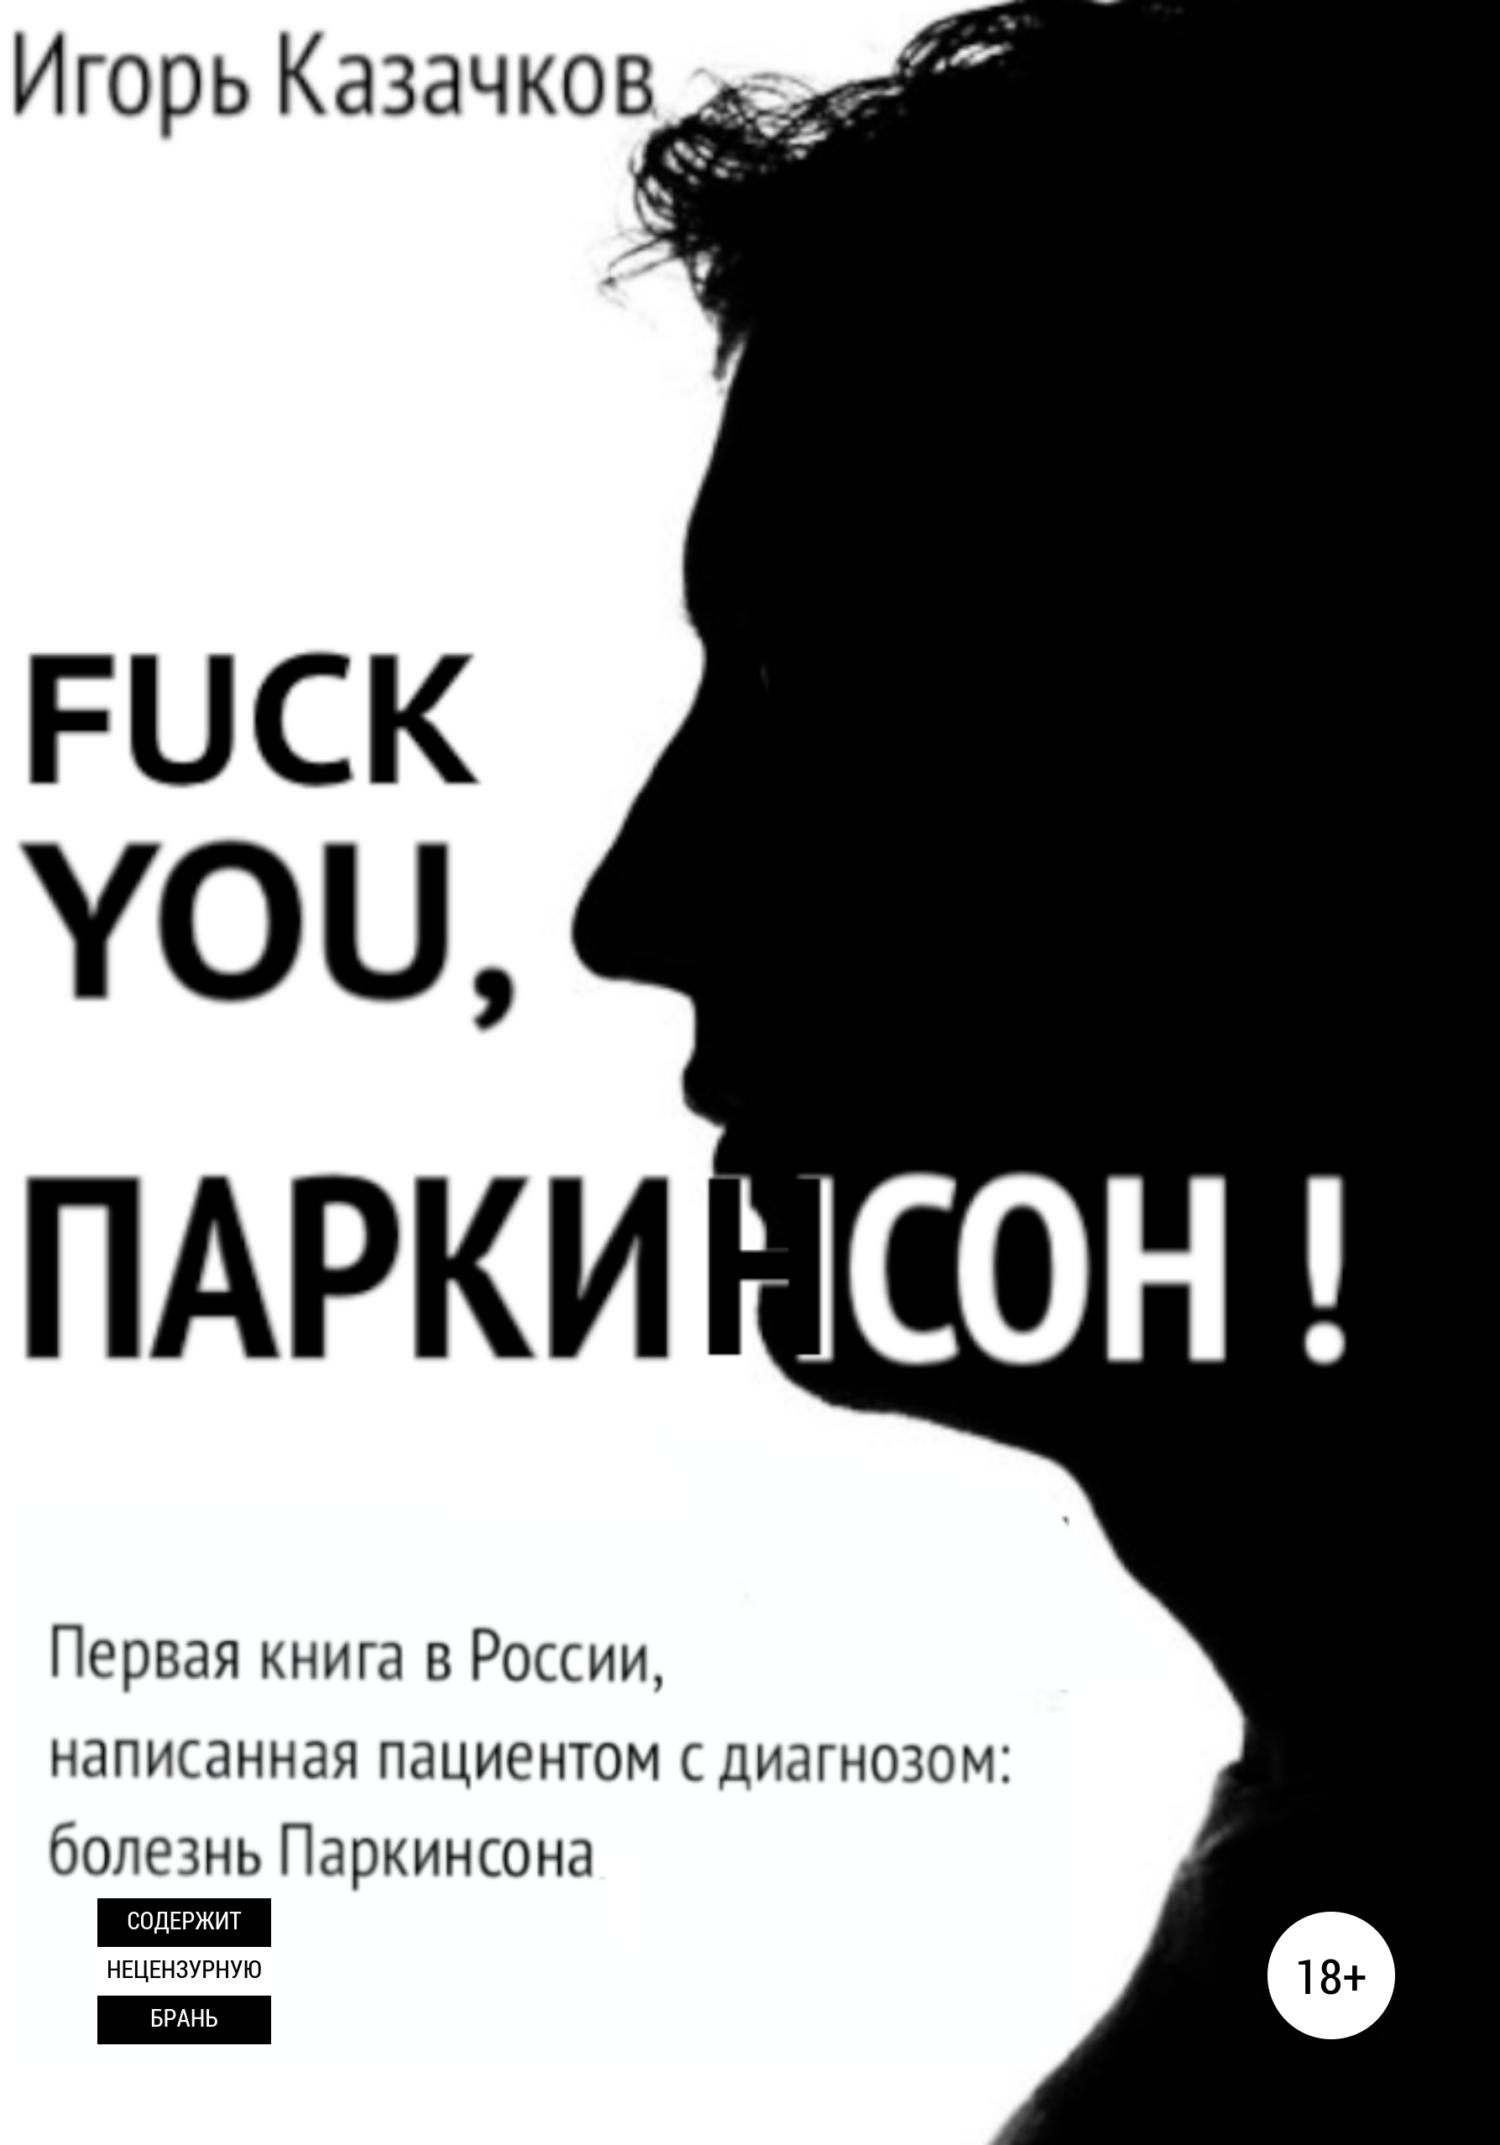 Купить книгу Fuck you, Паркинсон!, автора Игоря Казачкова